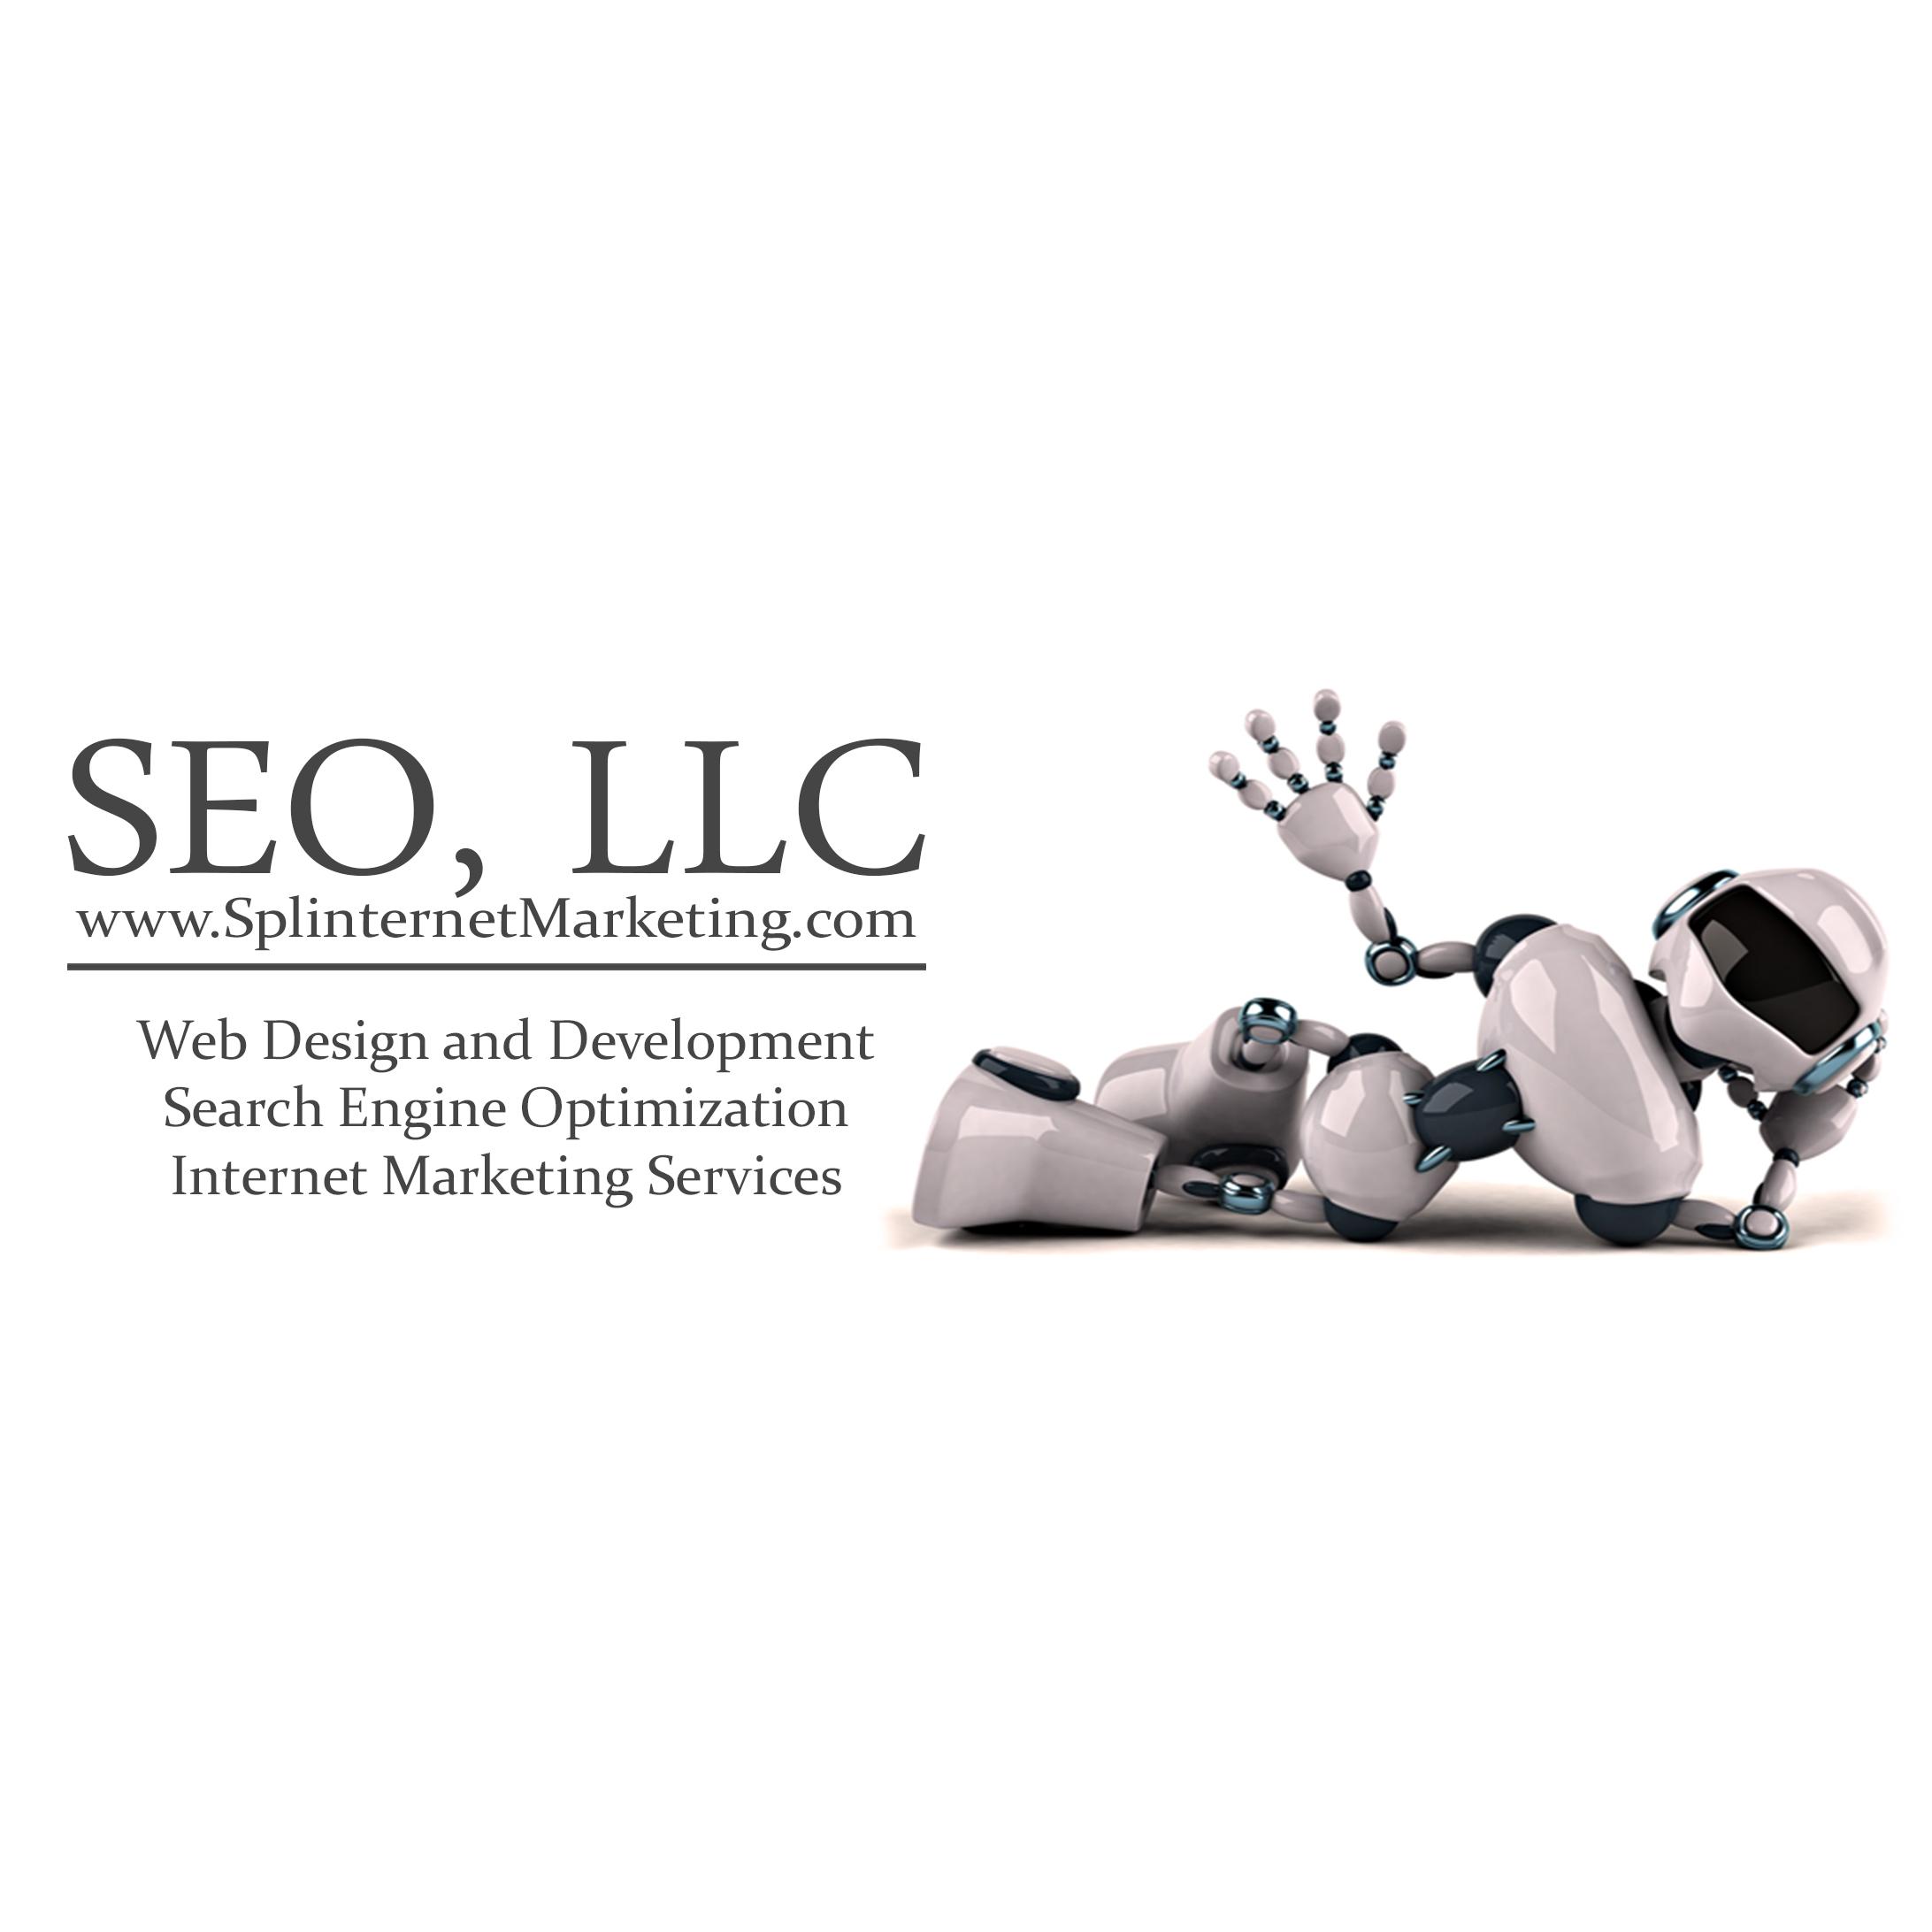 SEO LLC